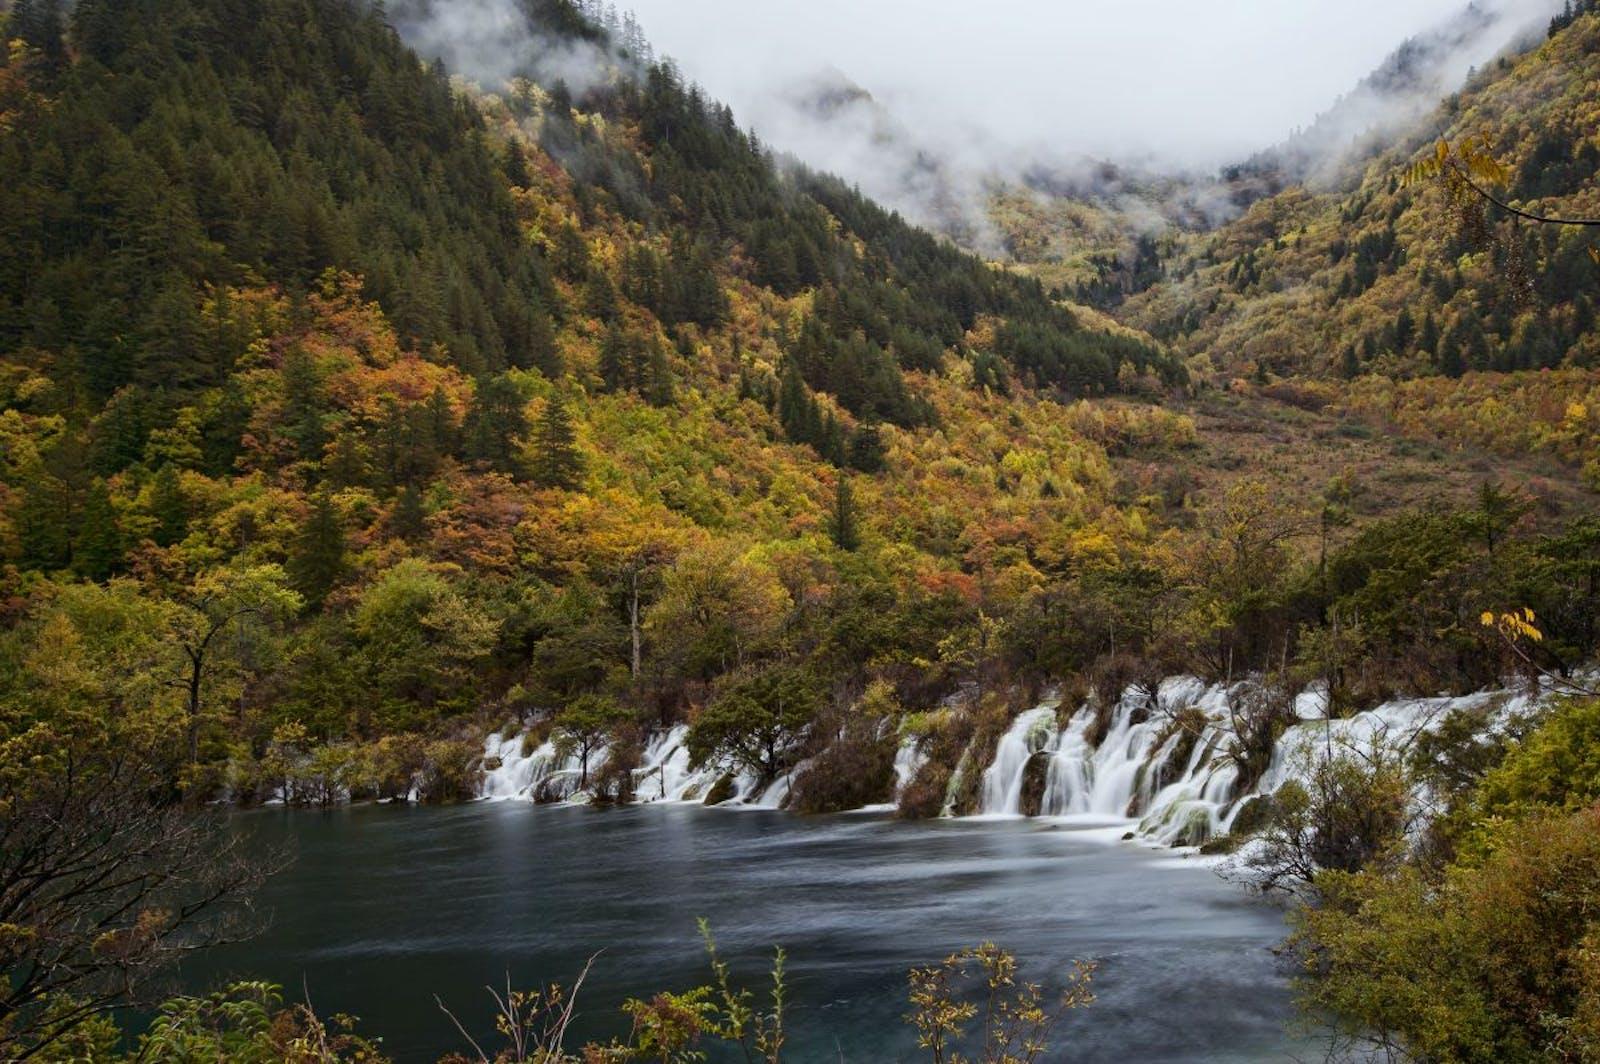 Qionglai-Minshan Conifer Forests